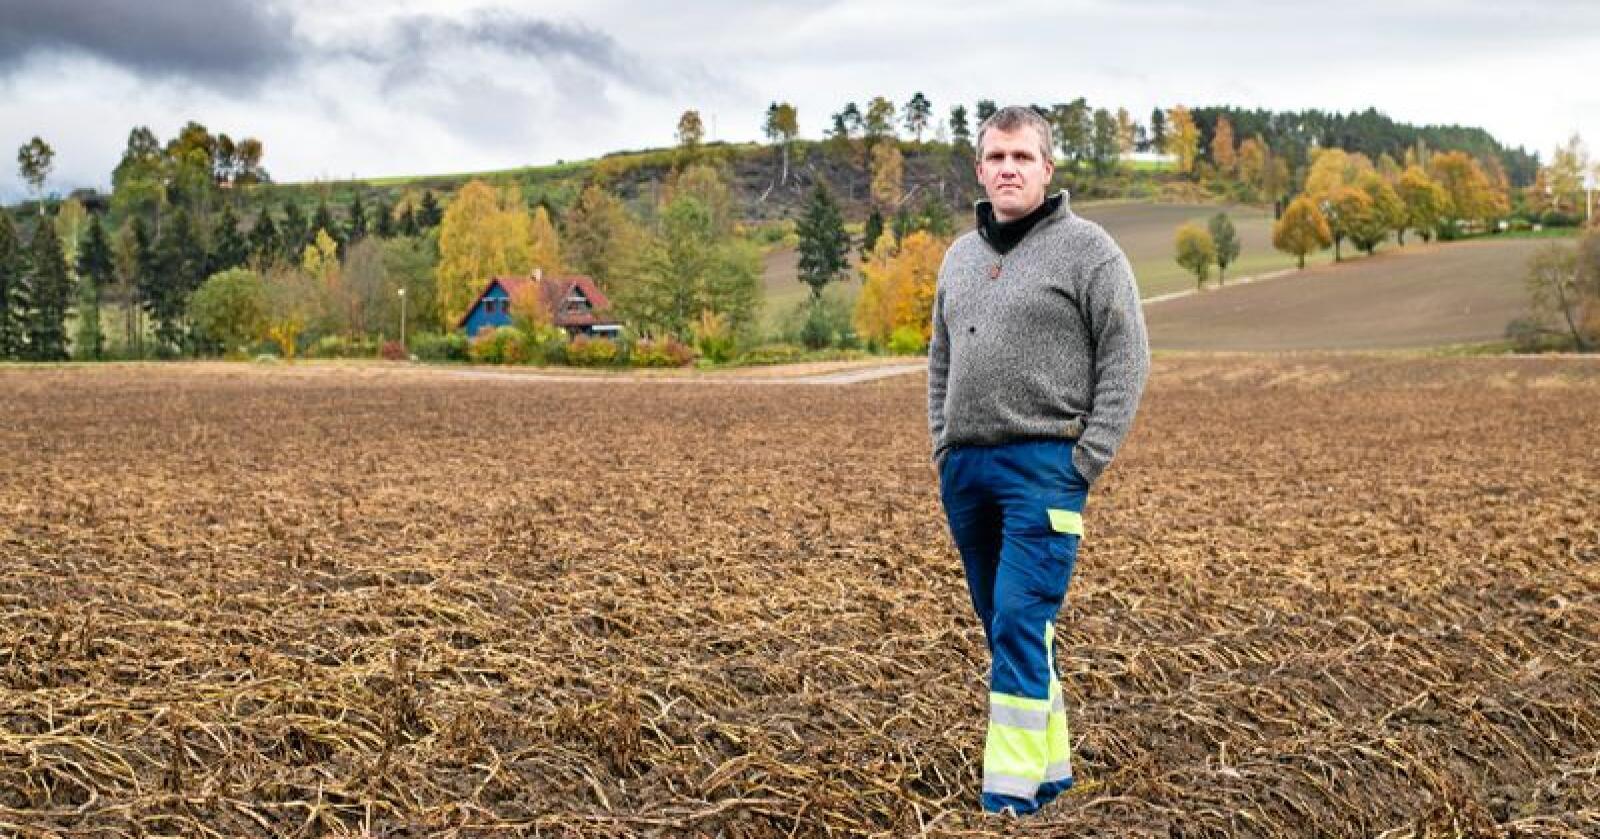 Bonde Ole Peter Thingelstad på Hønefoss trur ikkje han kjem til å halde fram med potetdyrking. Foto: Vidar Sandnes